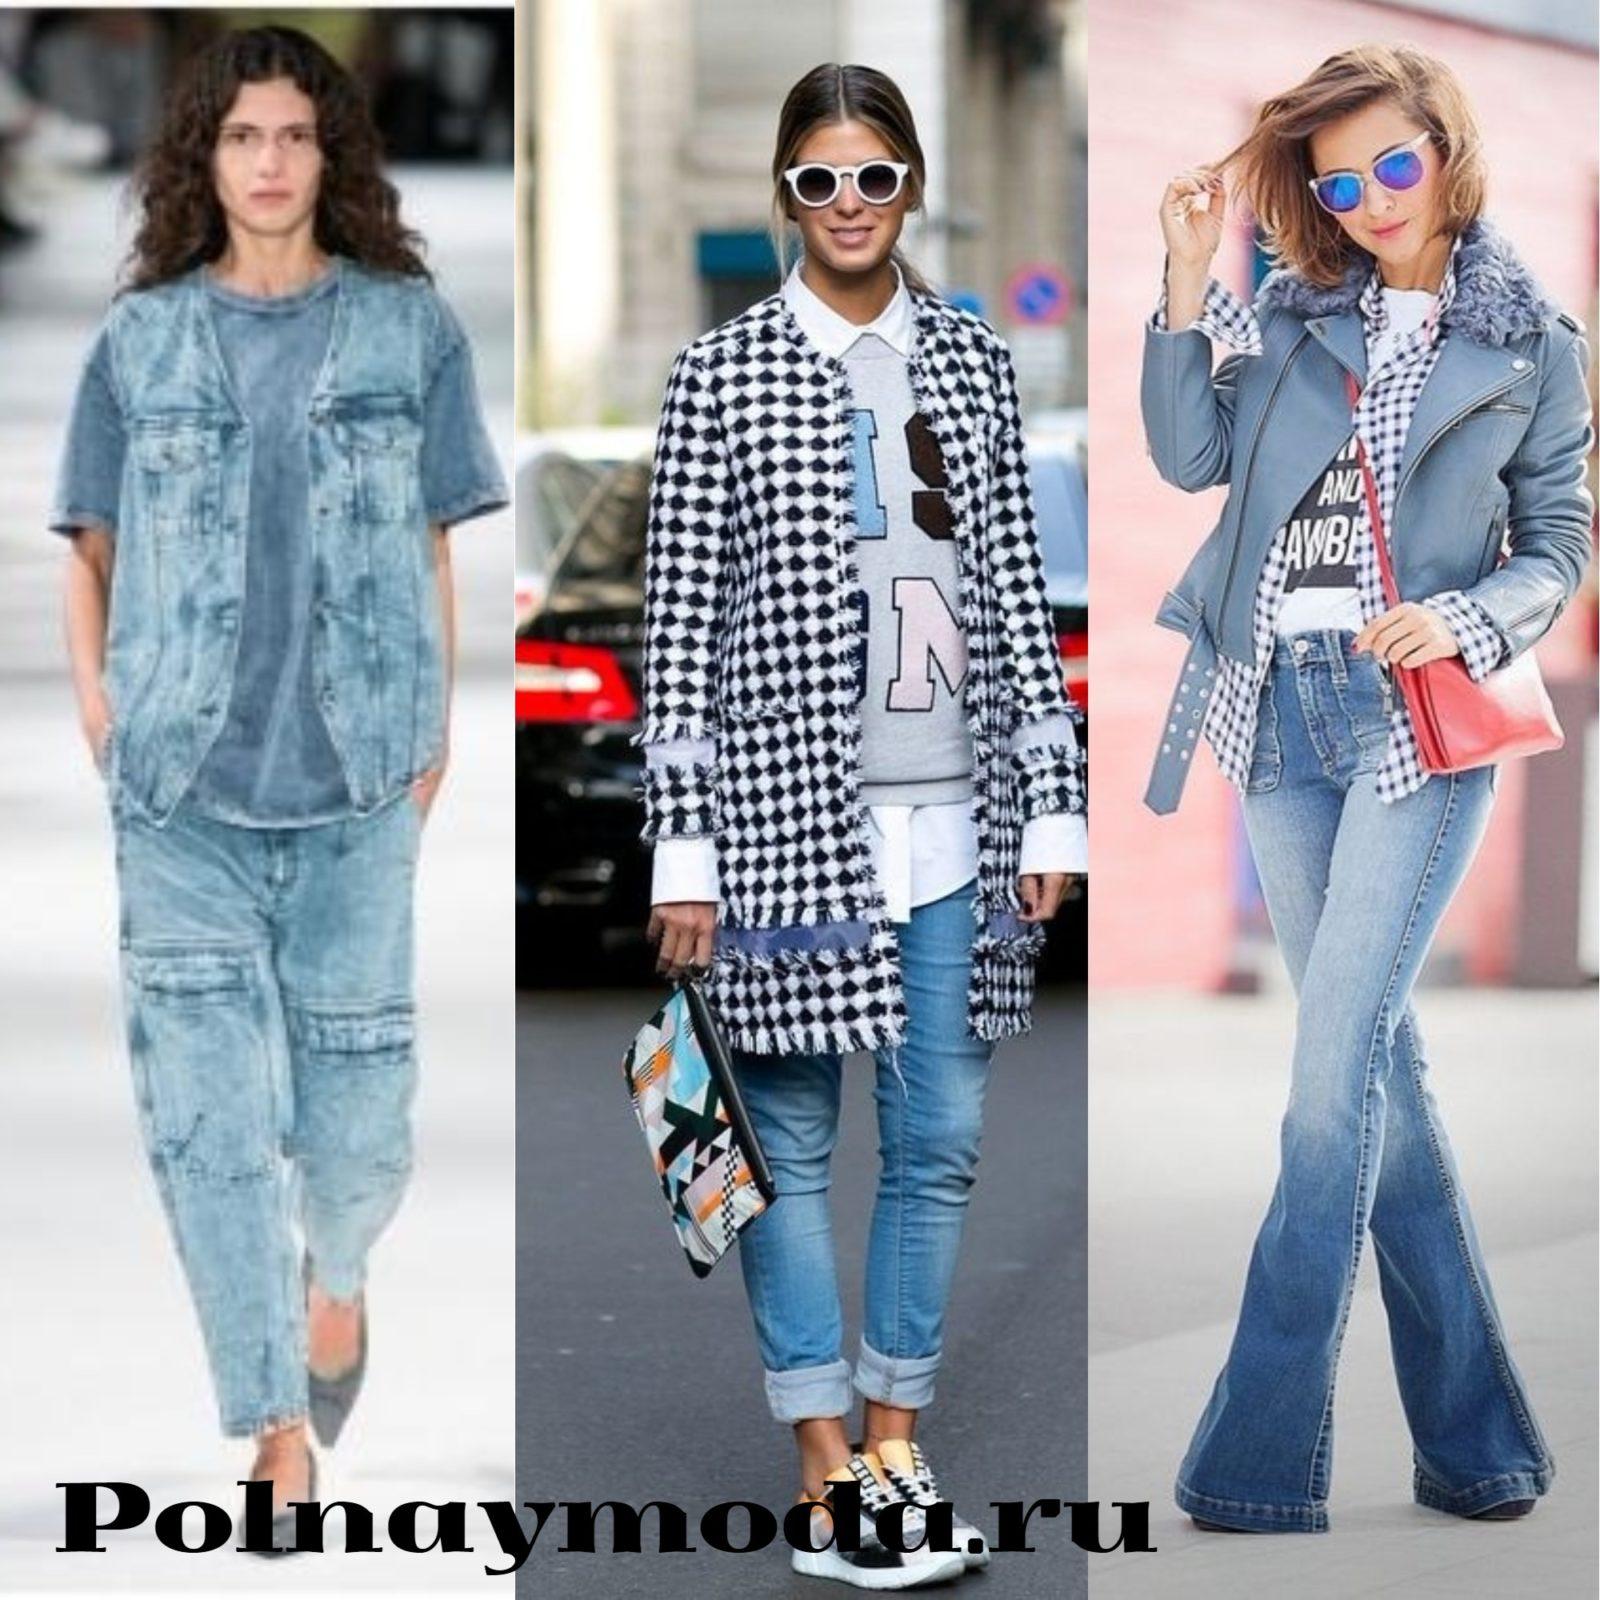 мода весна лето 2018 уличный стиль деним джинсовые брюки куртки комбинезоны